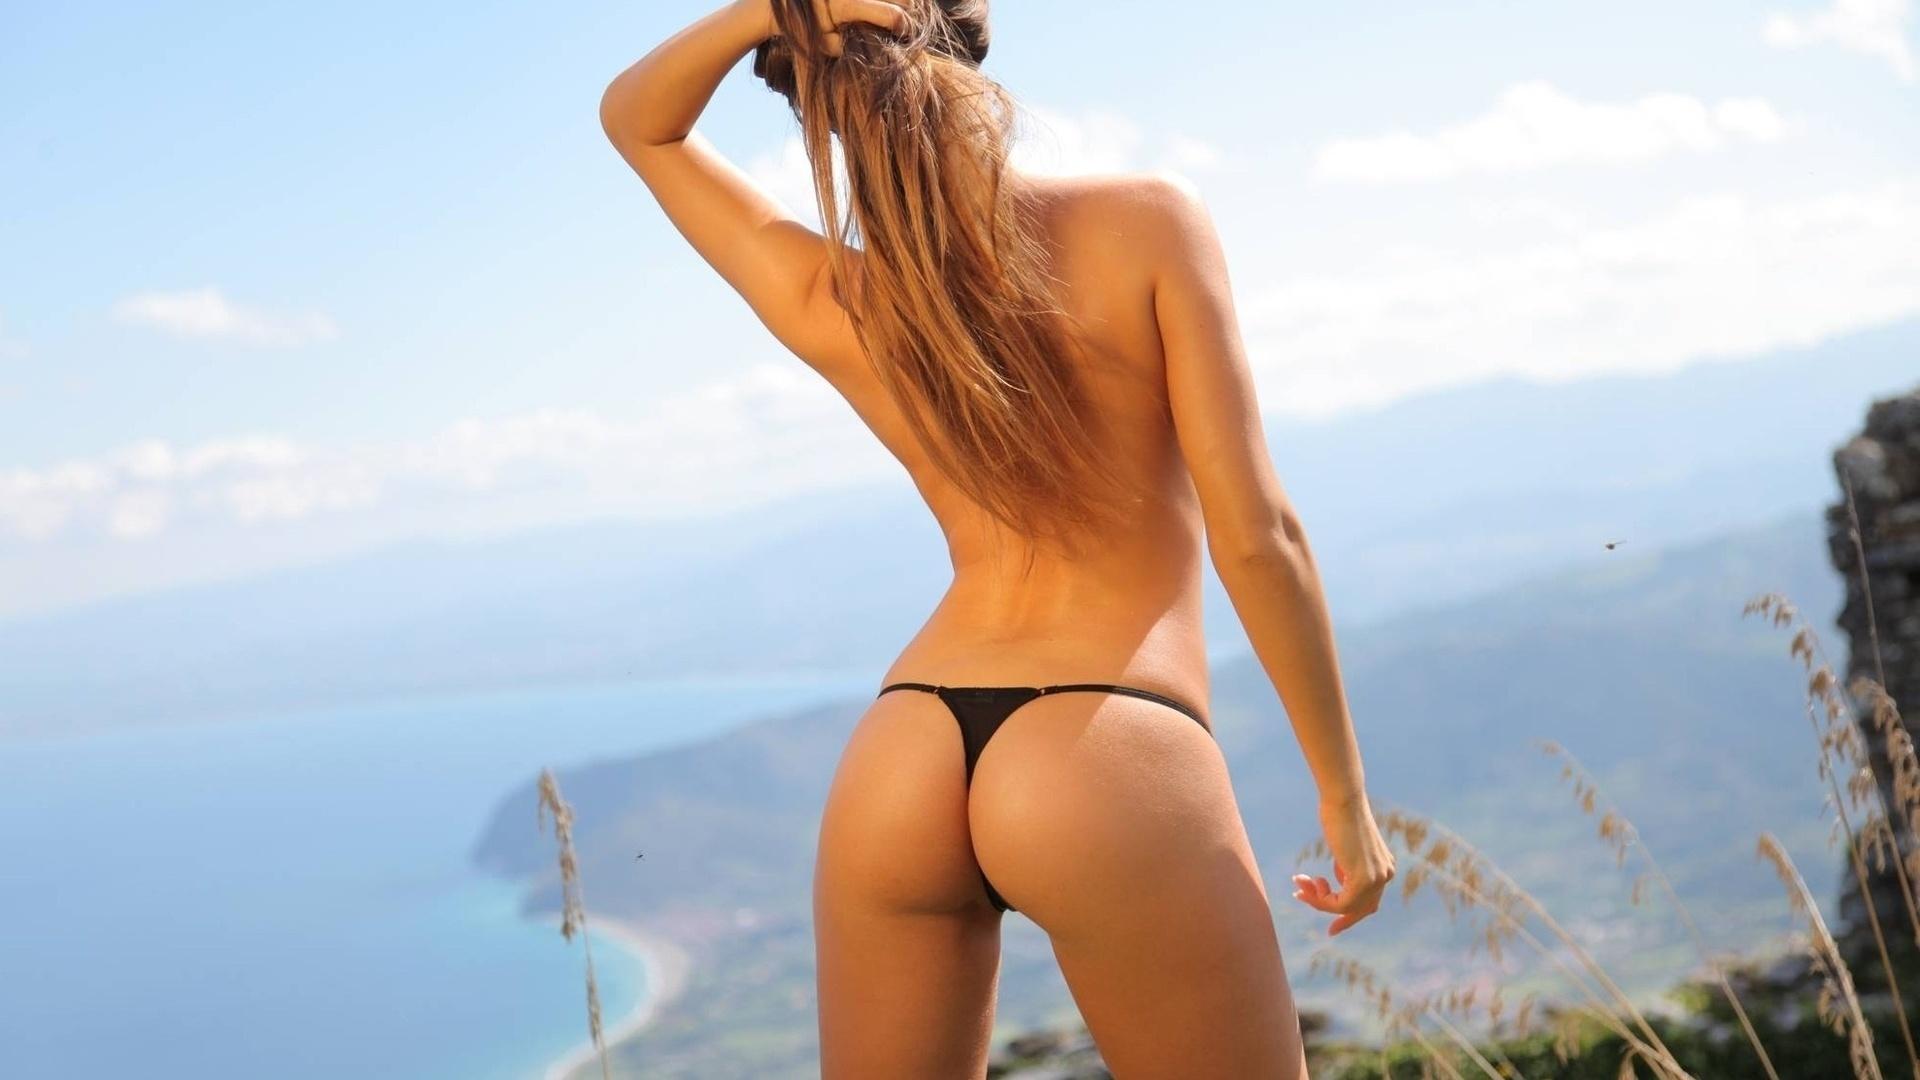 Фото голых девушек попы, Самые лучшие голые попки (45 фото) Попки 23 фотография